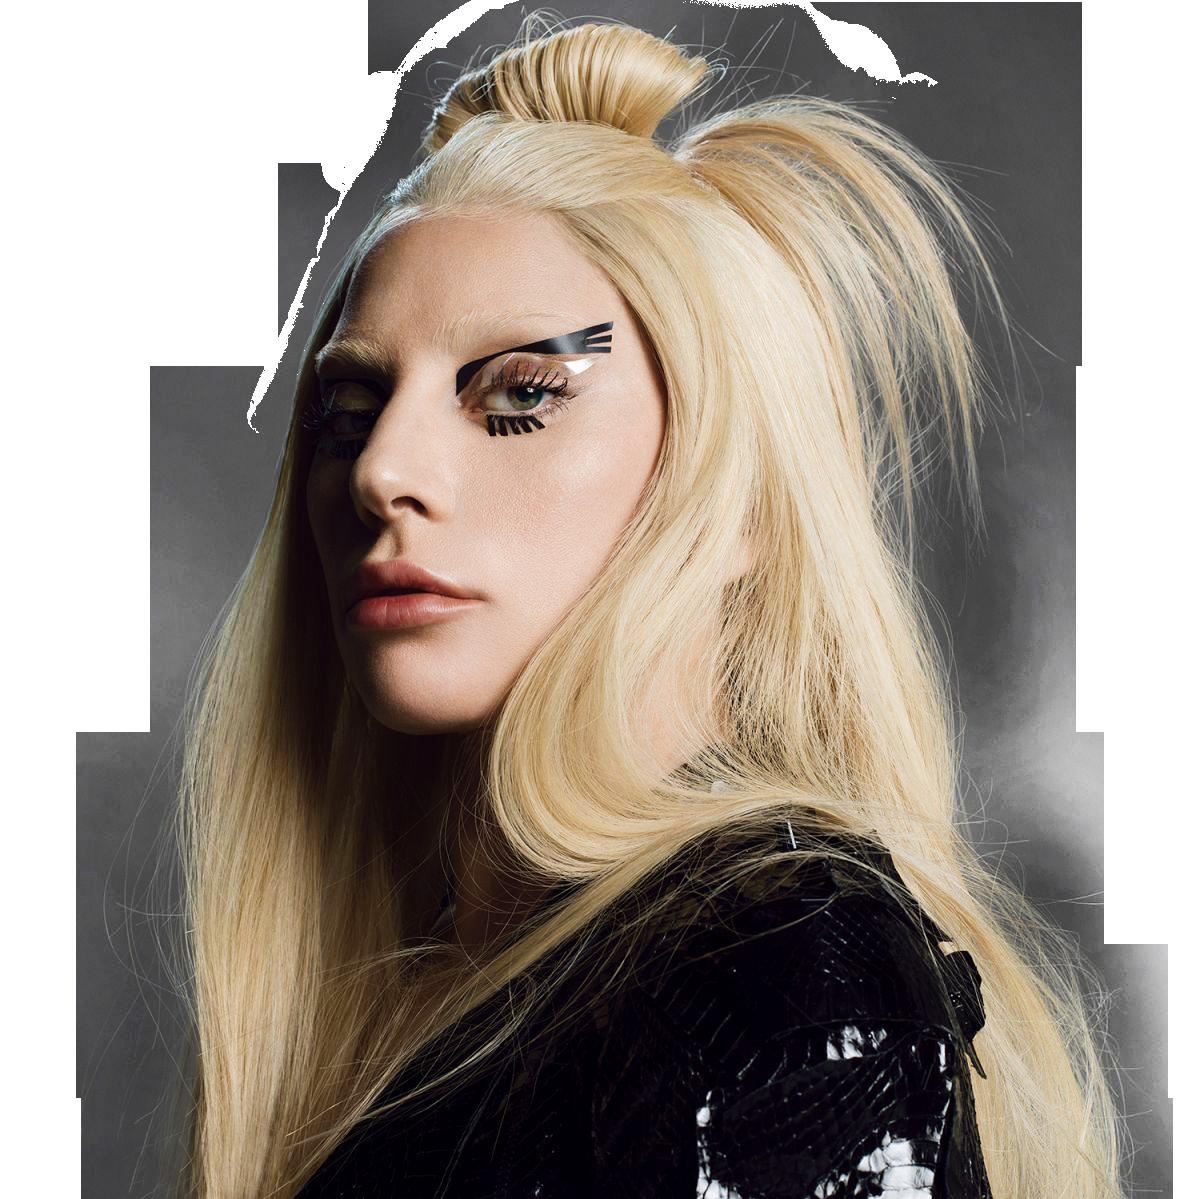 Lady Gaga Png By Maarcopngs Lady Gaga Png By Maarcopngs - Lady Gaga, Transparent background PNG HD thumbnail